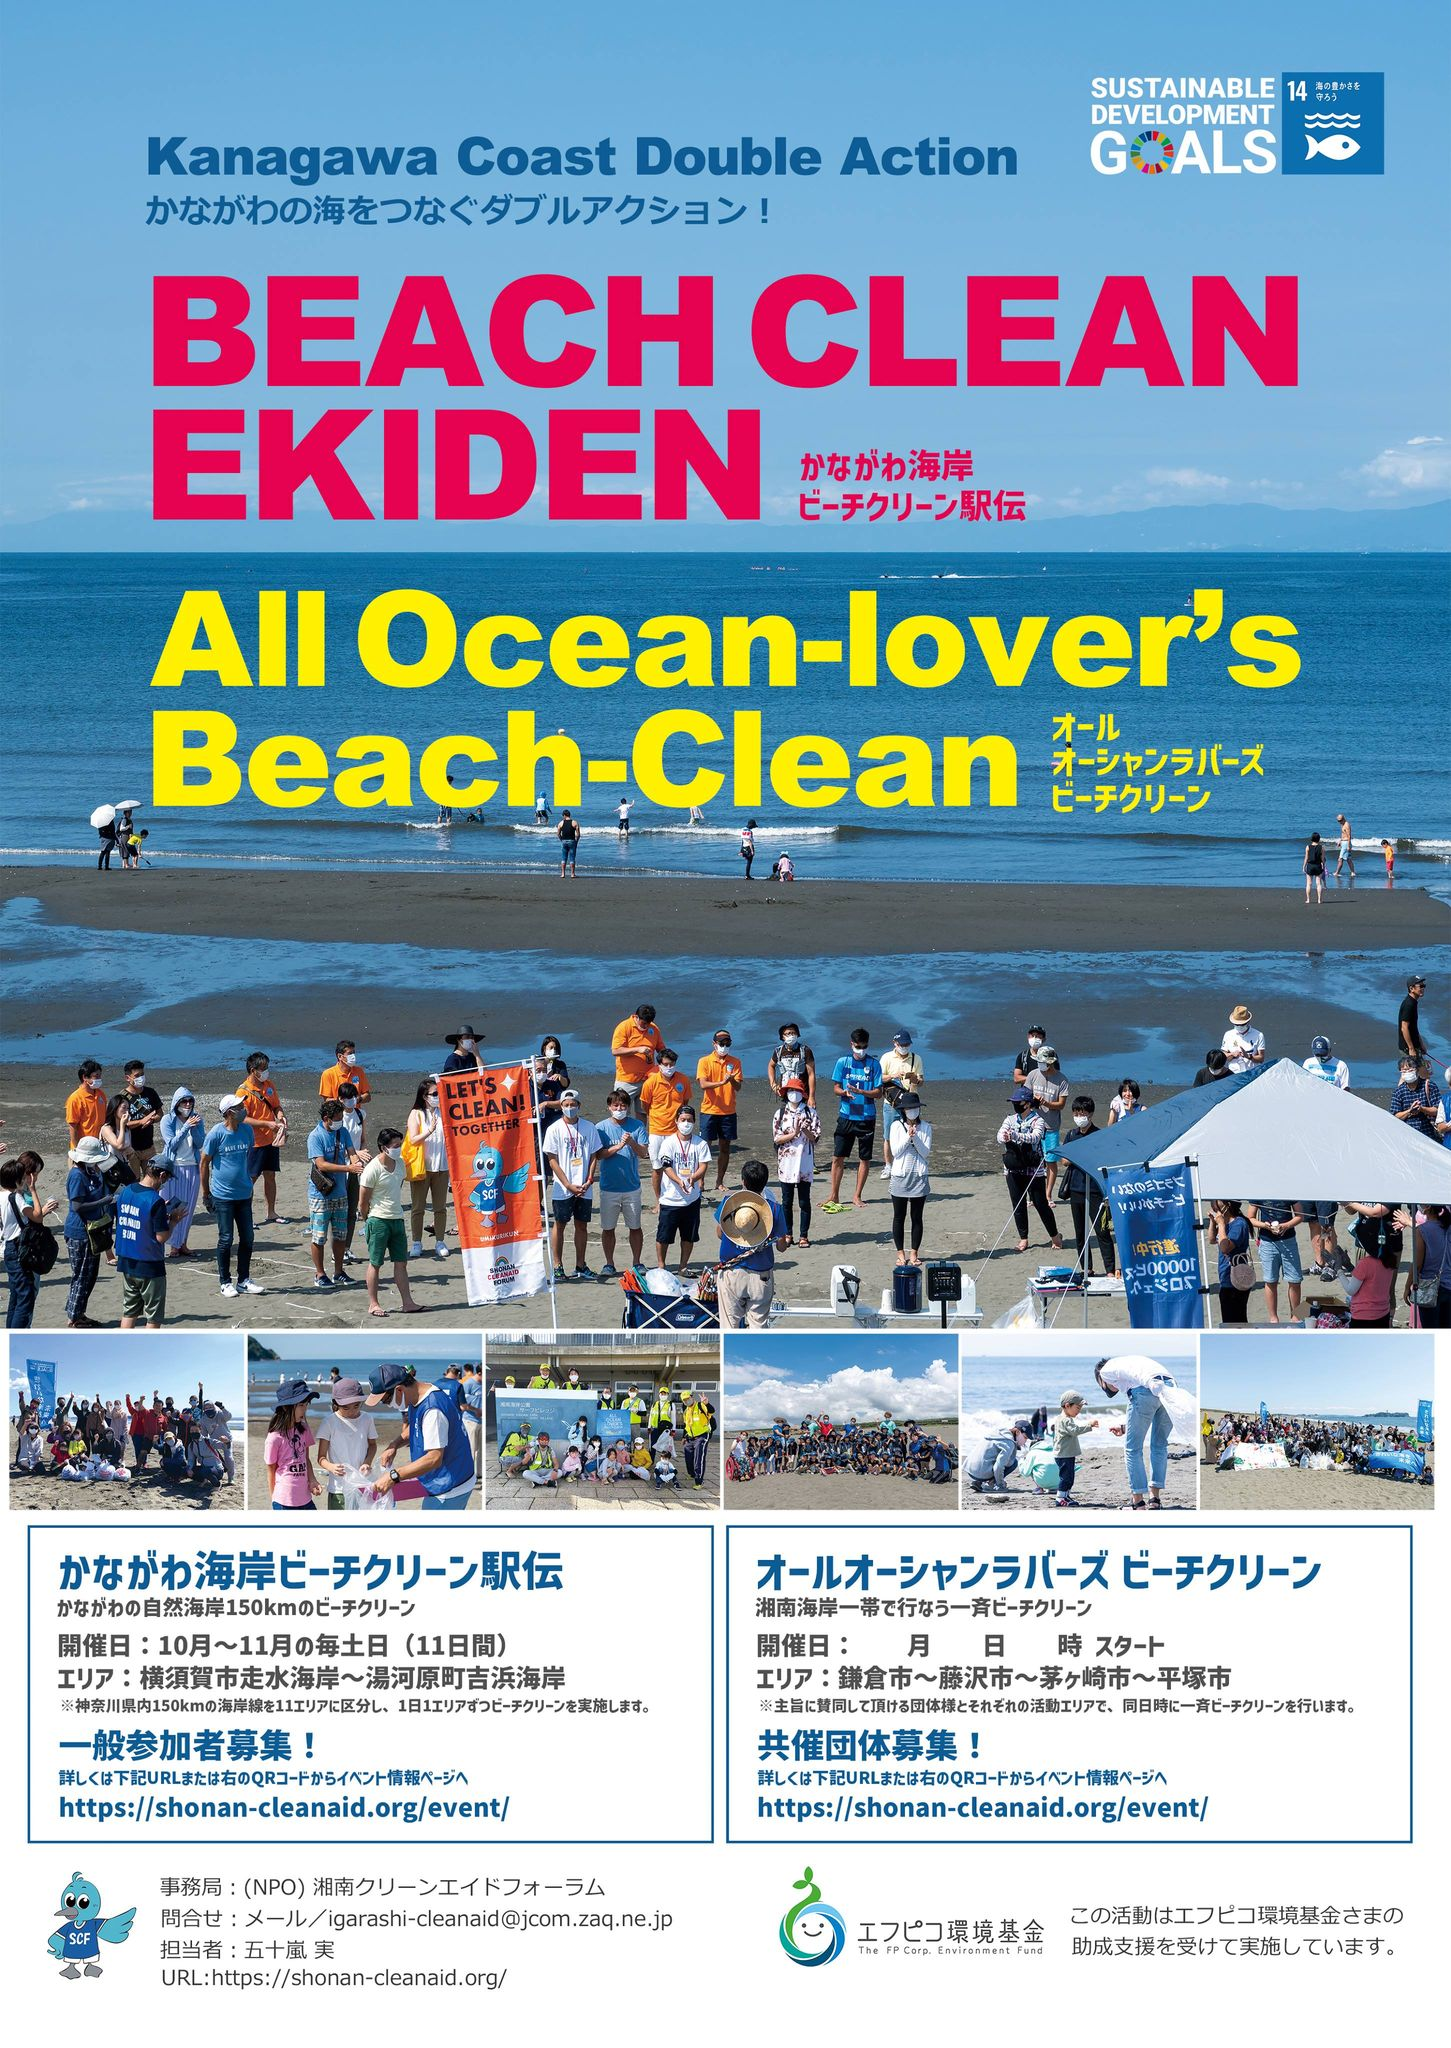 2021年11月3日(祝) All Ocean-lover's Beach-Clean 参画団体/一般参加者募集!